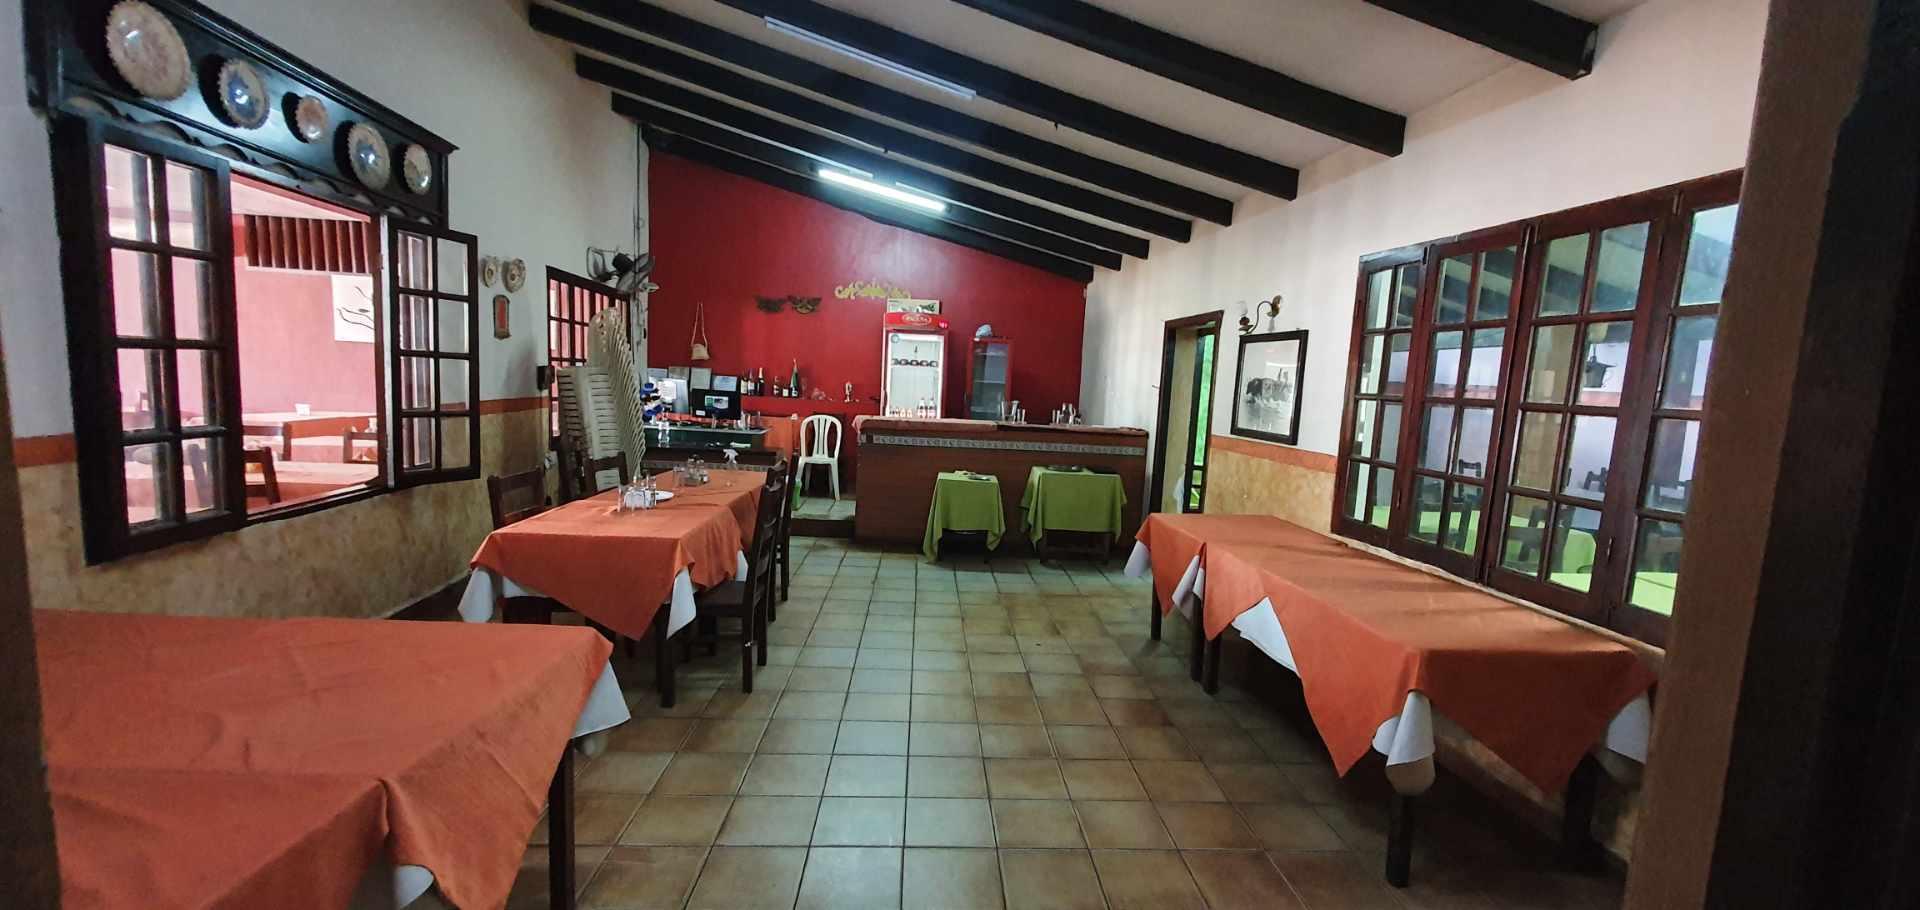 Local comercial en Venta Inmueble comercial Sobre el 2do anillo Entre Av. Alemana y Beni Foto 8